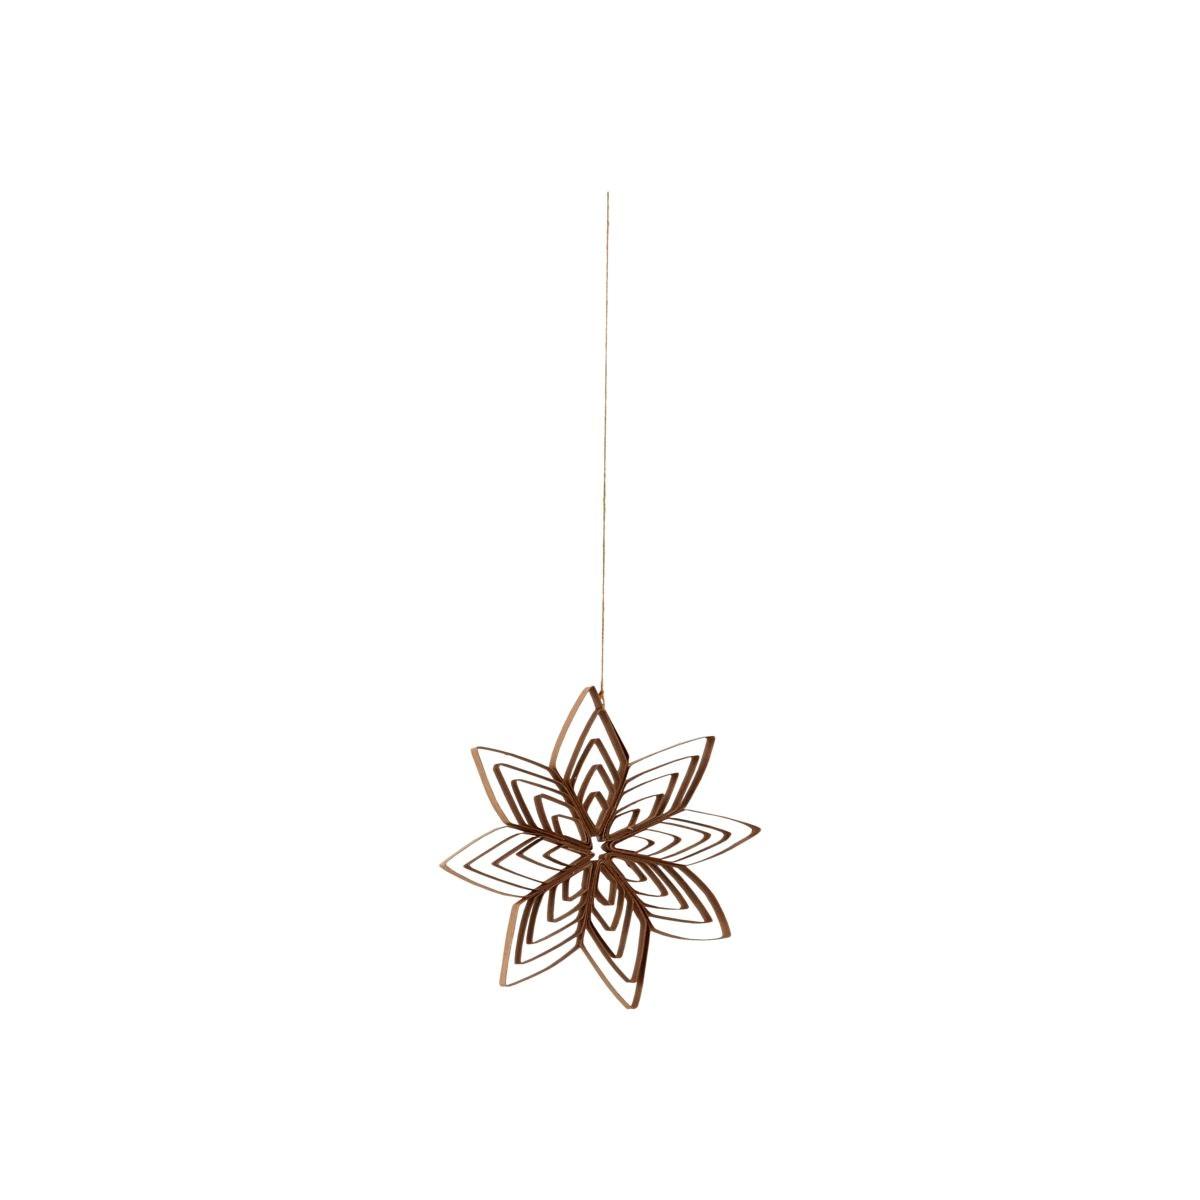 Papírová ozdoba hvězda QUILLING 10 cm přírodní_0